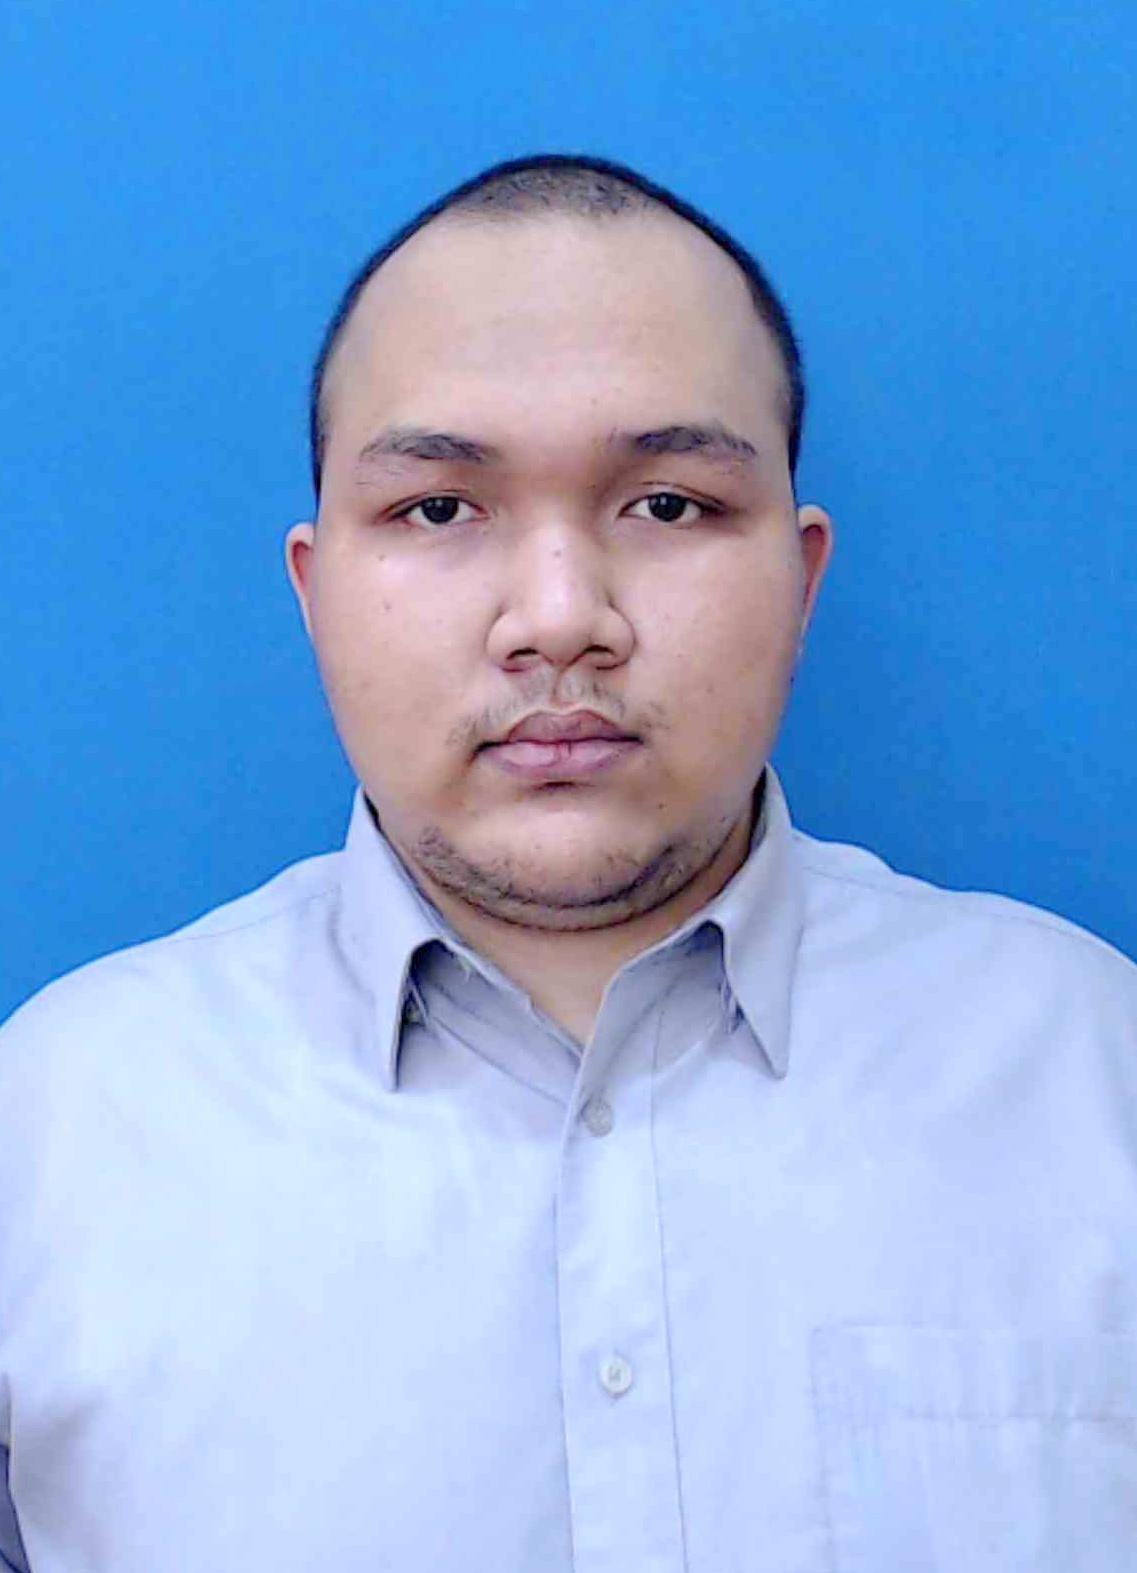 Najmuddin Bin Md Yasim